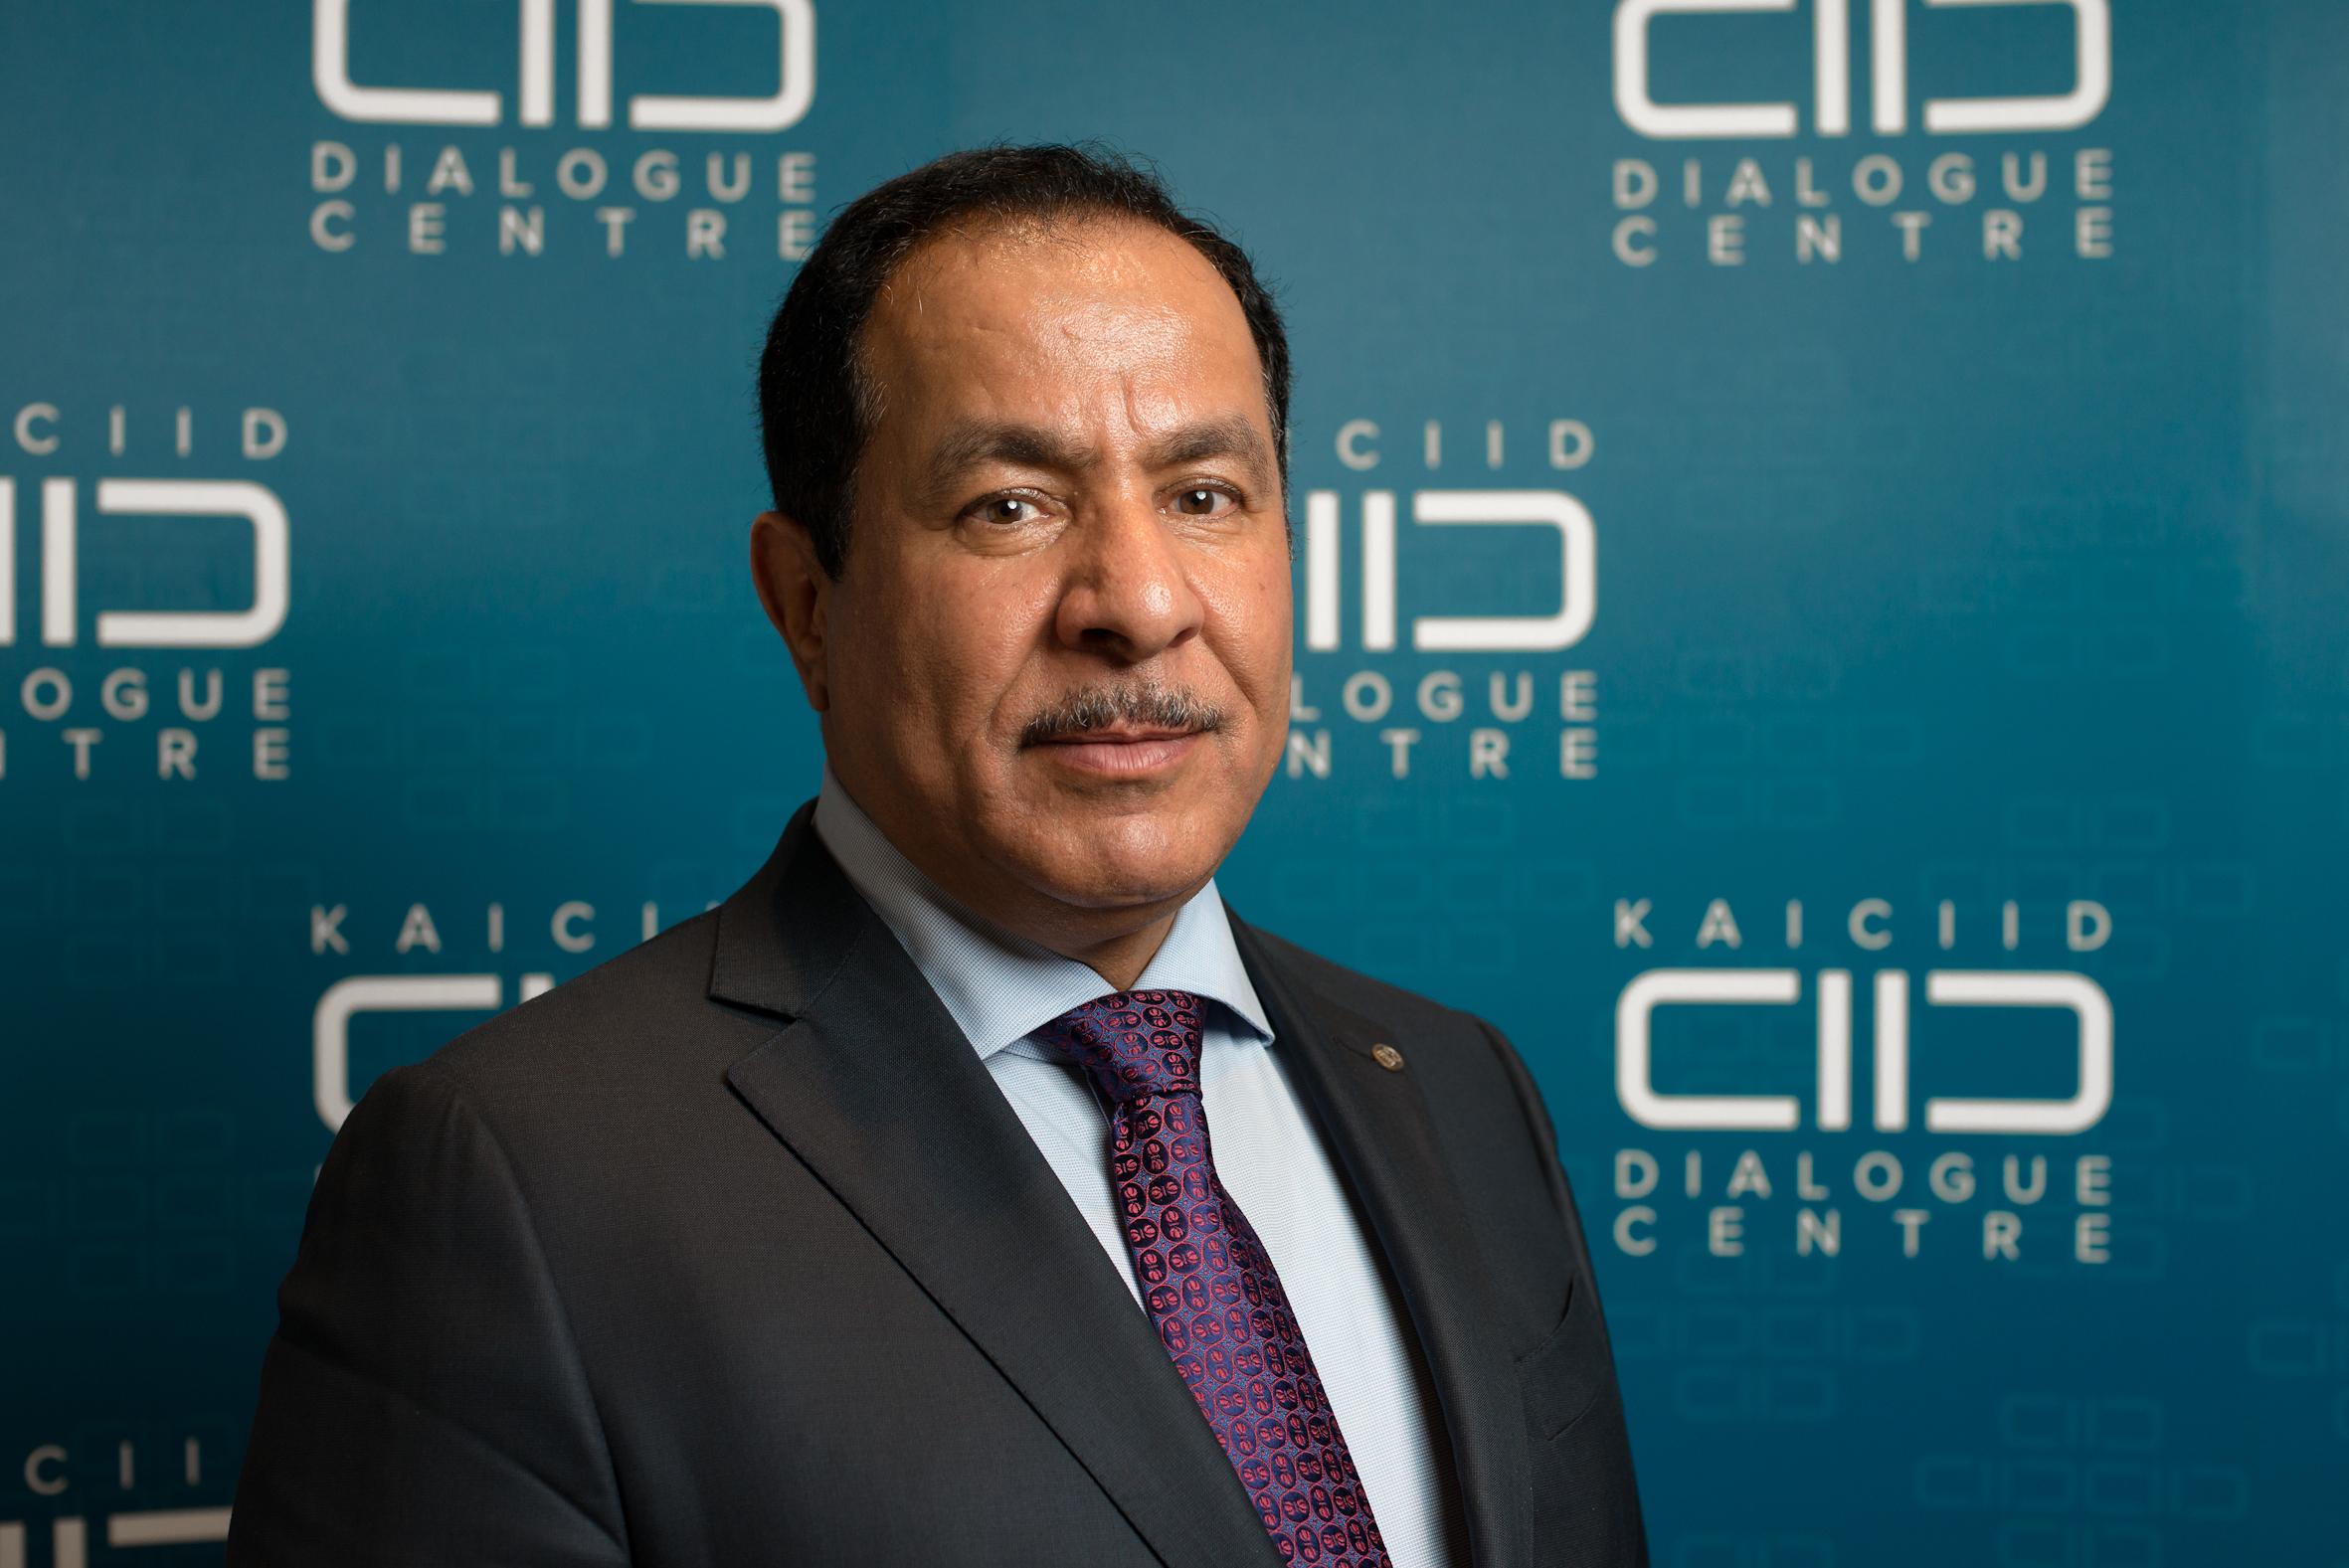 Faisal Bin Muaammar